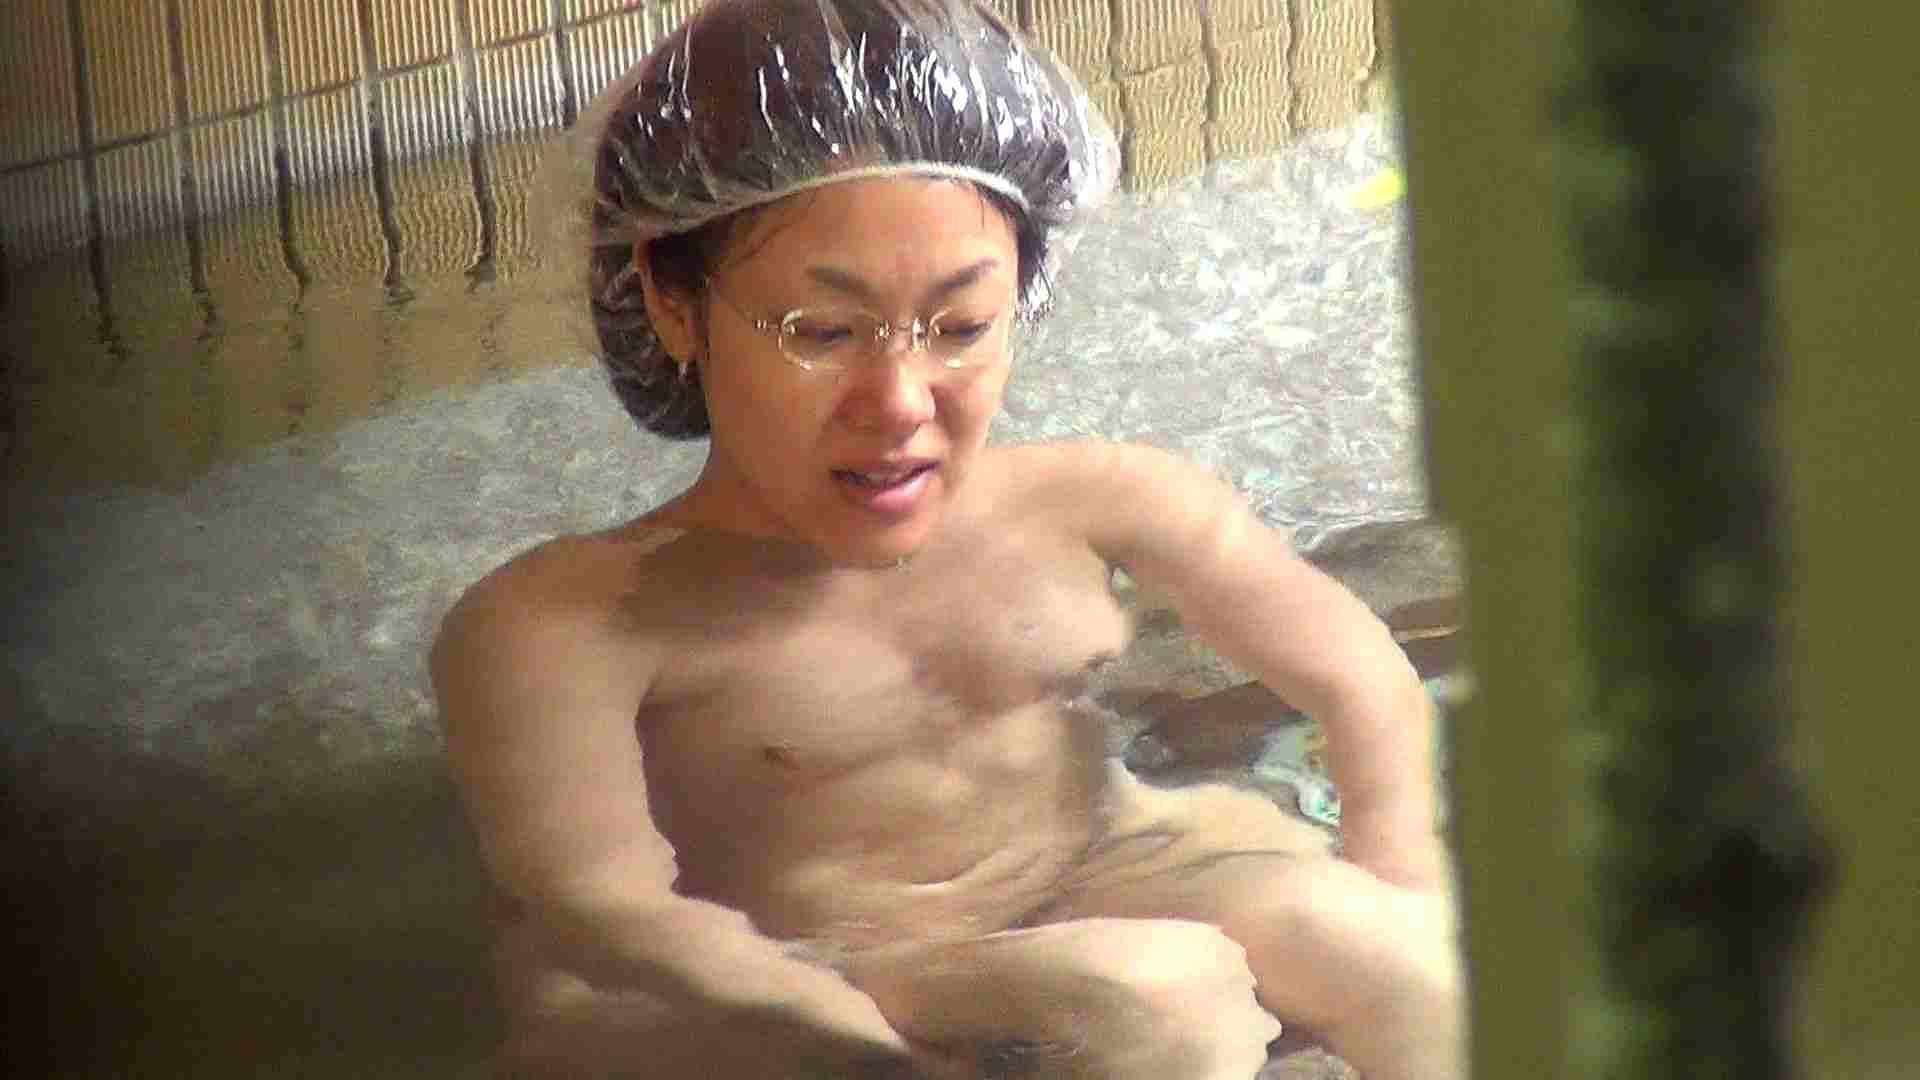 Aquaな露天風呂Vol.280 盗撮師作品   美しいOLの裸体  100pic 25